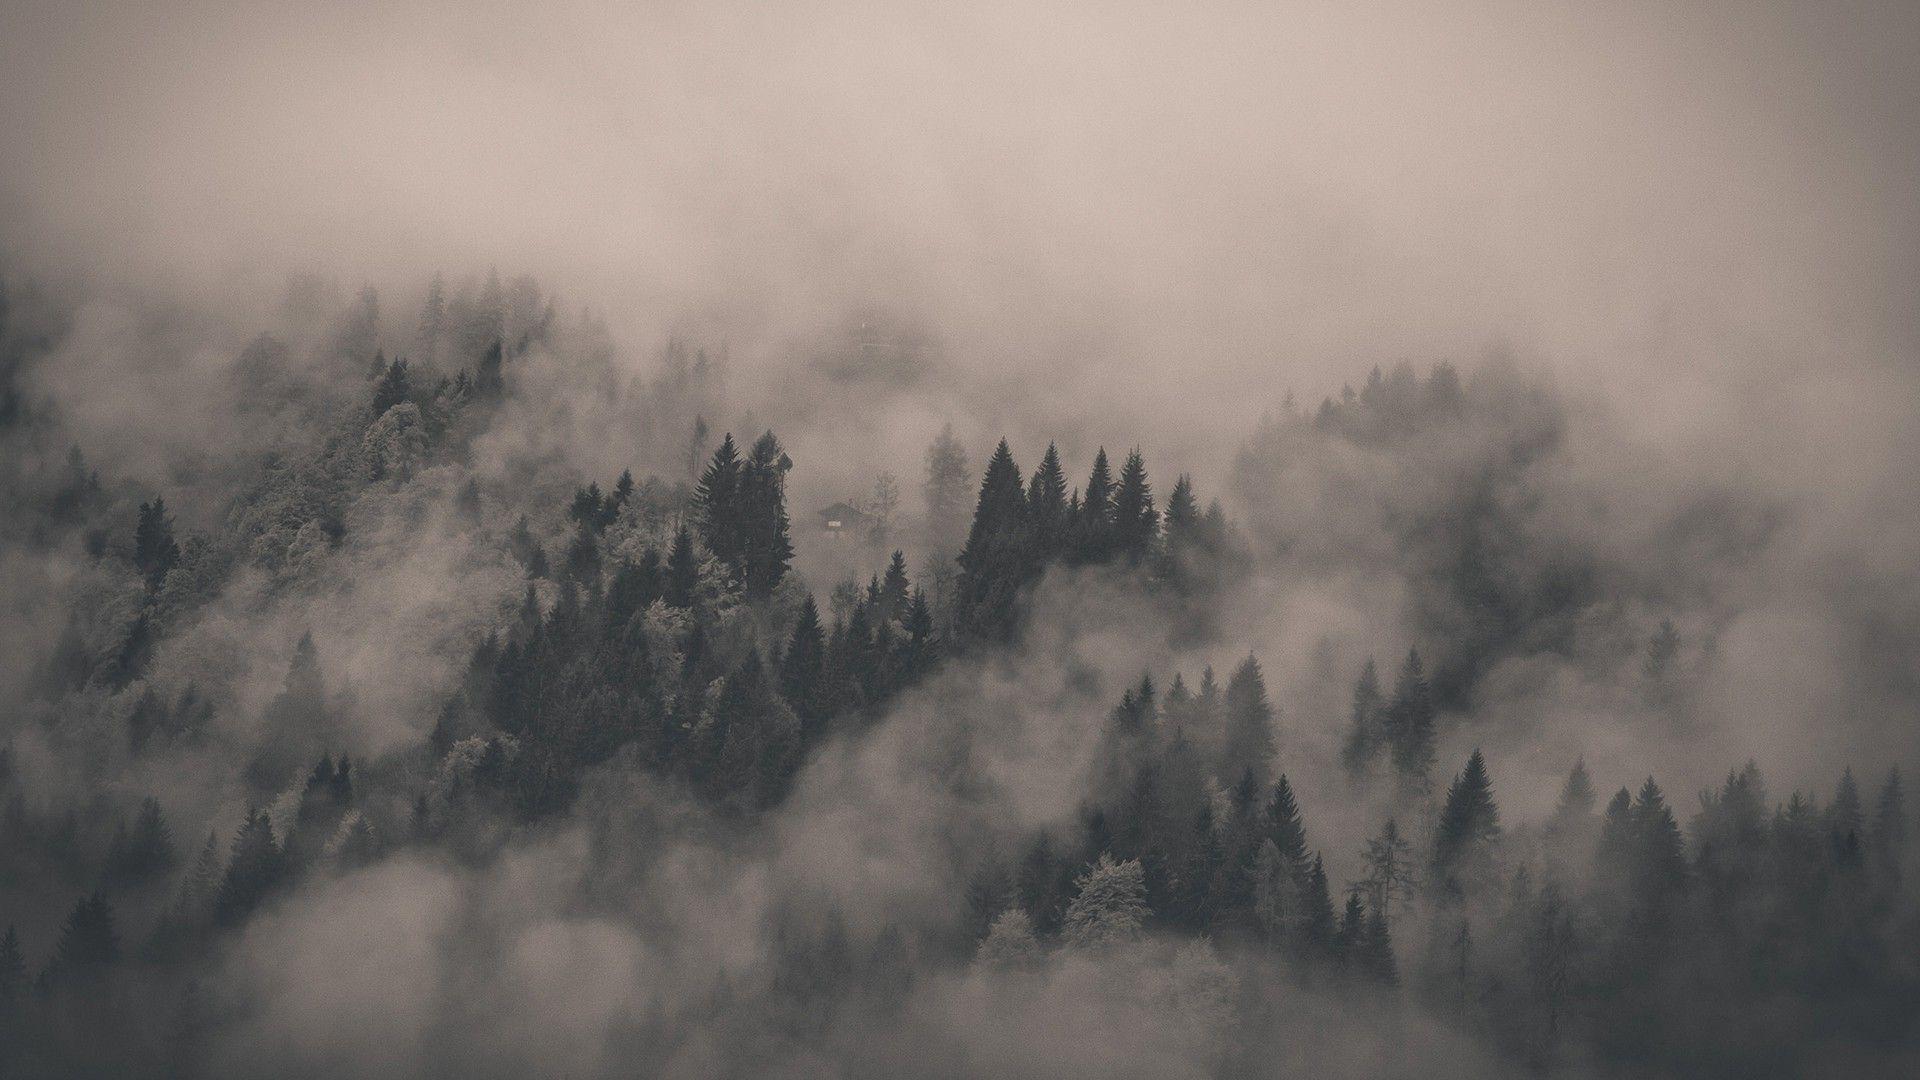 1920x1080 Foggy Forest Wallpaper 13858 Forest Wallpaper Foggy Forest Landscape Wallpaper